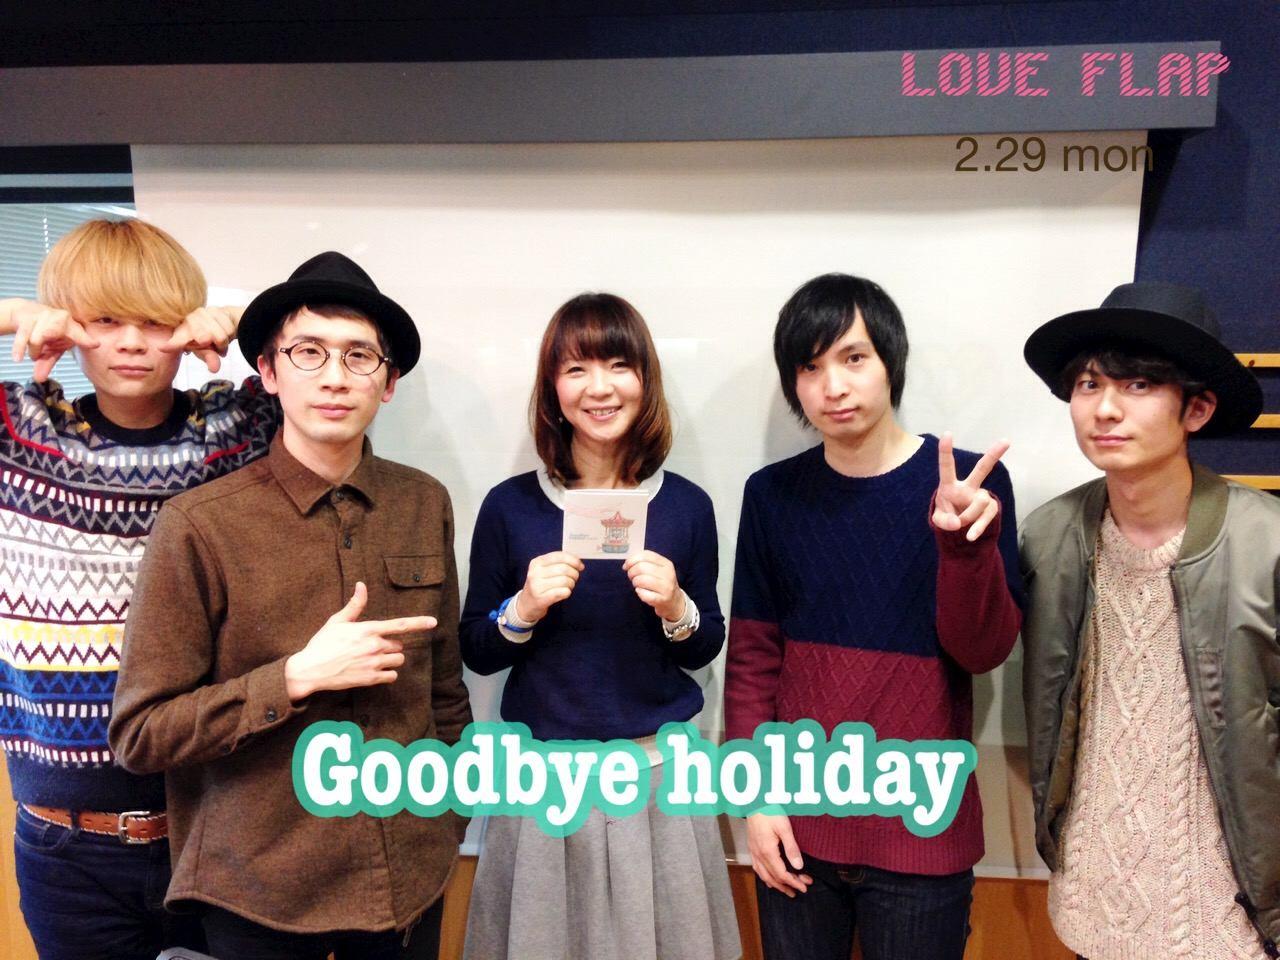 画像: 2/29(月) 今日のゲスト「Goodbye holiday」